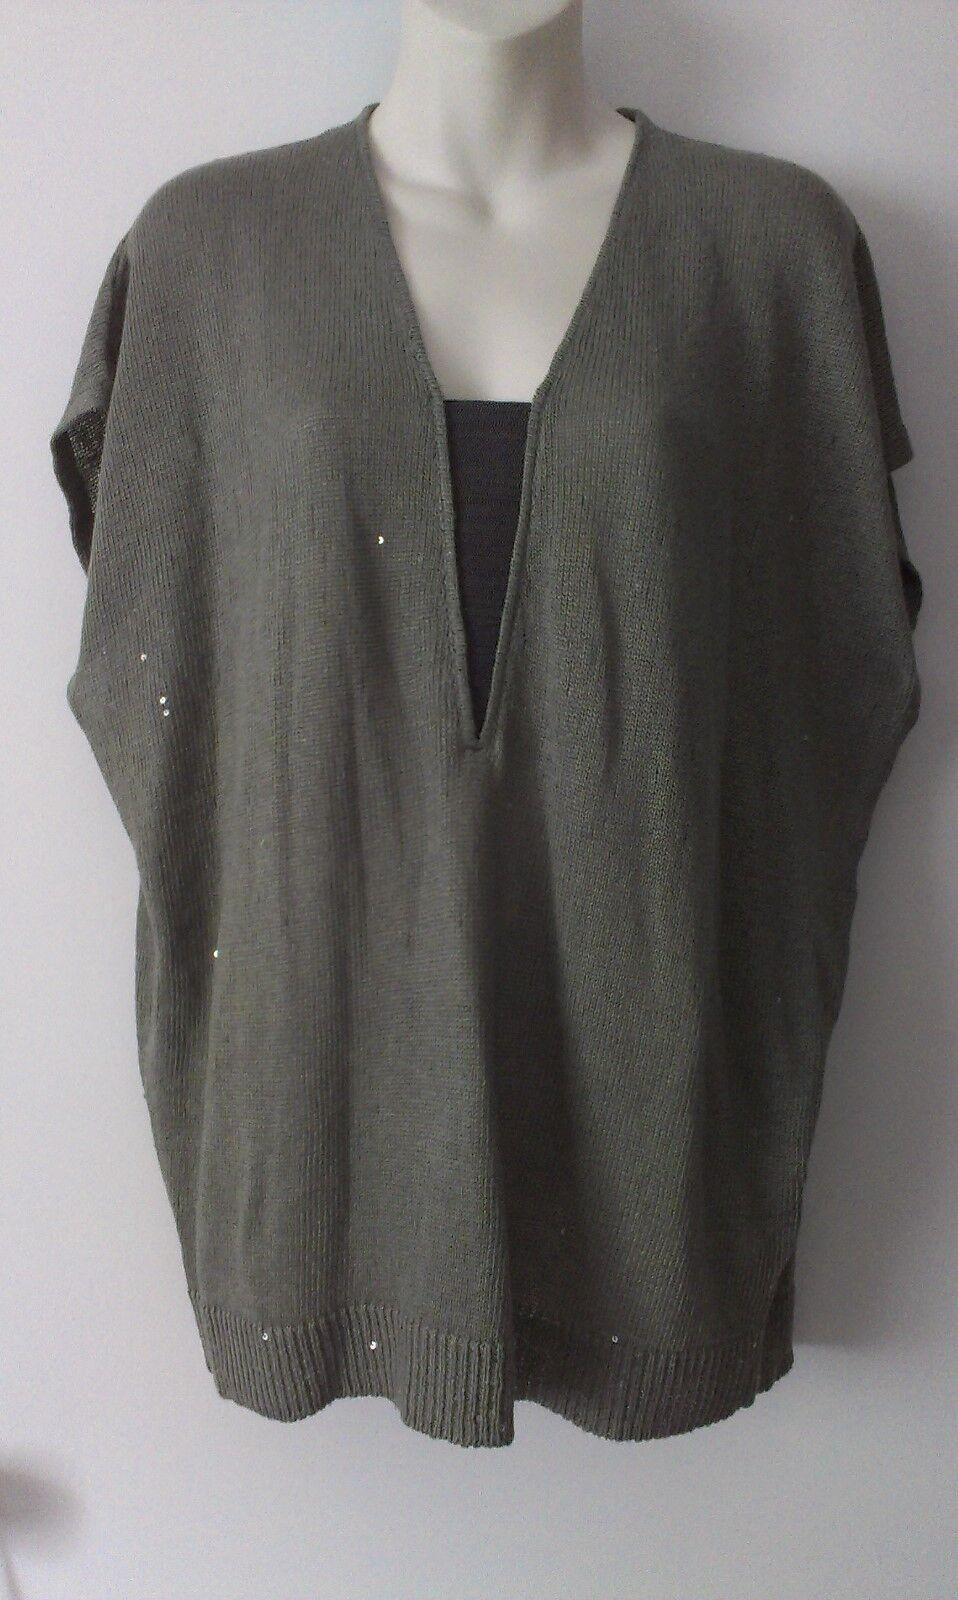 NWT BRUNELLO KUCINELLI Moss gröna, kvitterade Linjen Silk Knit Top Sz L